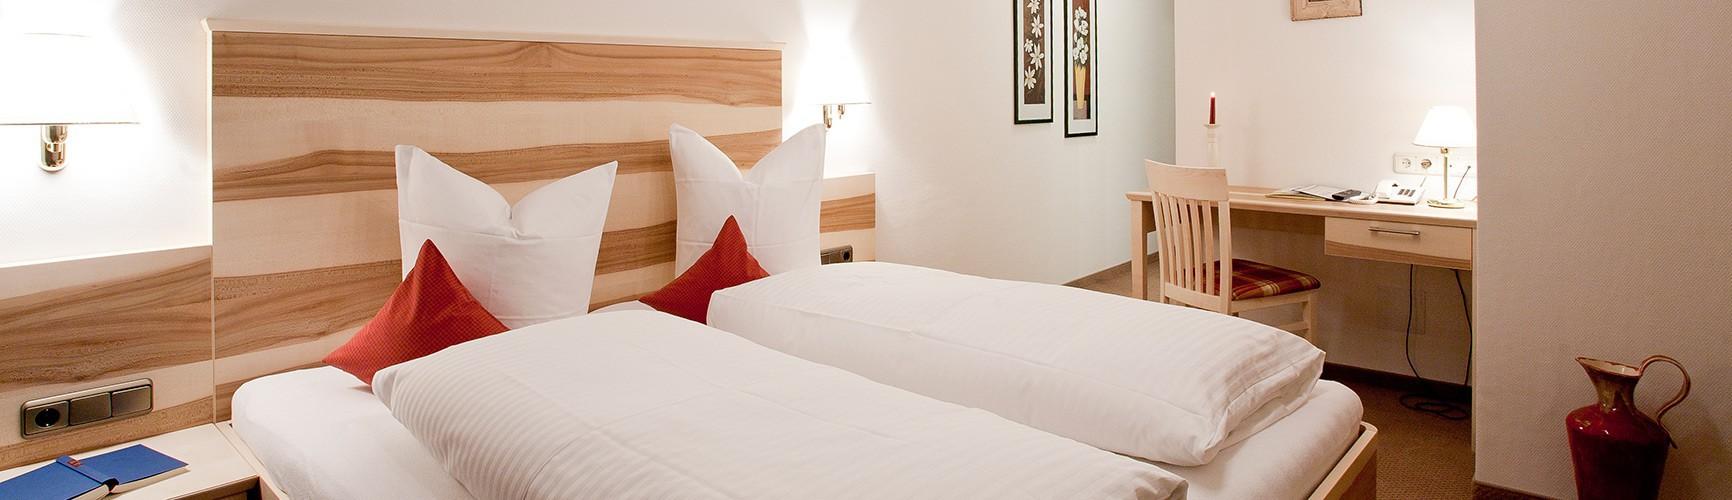 bergland appartement *** | komfortable appartements und ... - Garagen Apartment Gastezimmer Bilder